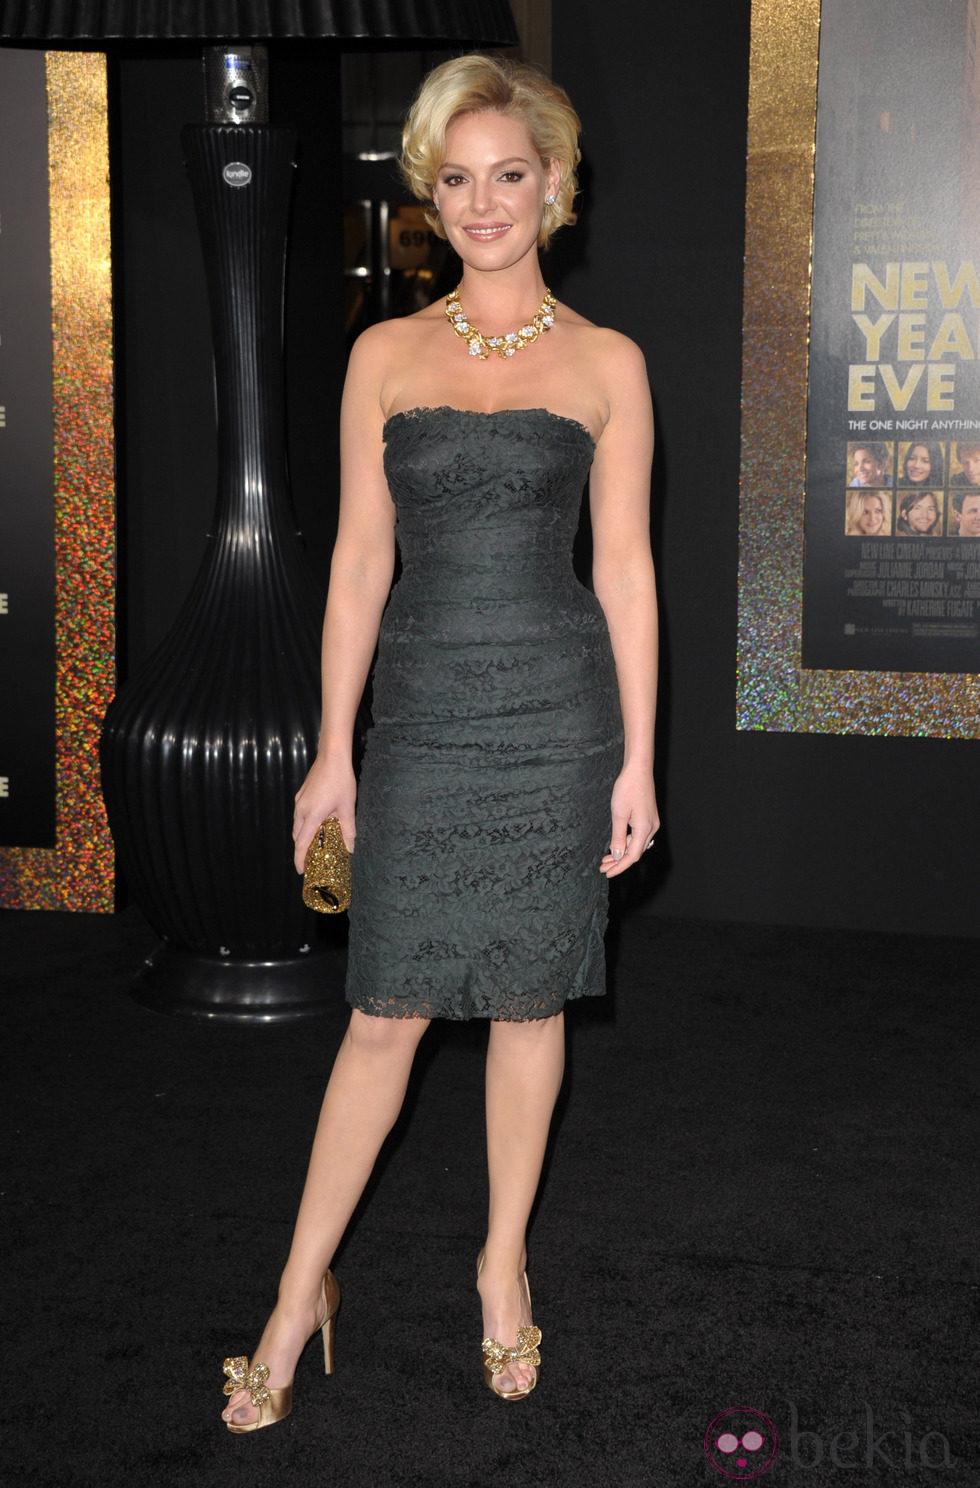 Katherine Heigl en el estreno de 'New Year's Eve' en Los Angeles